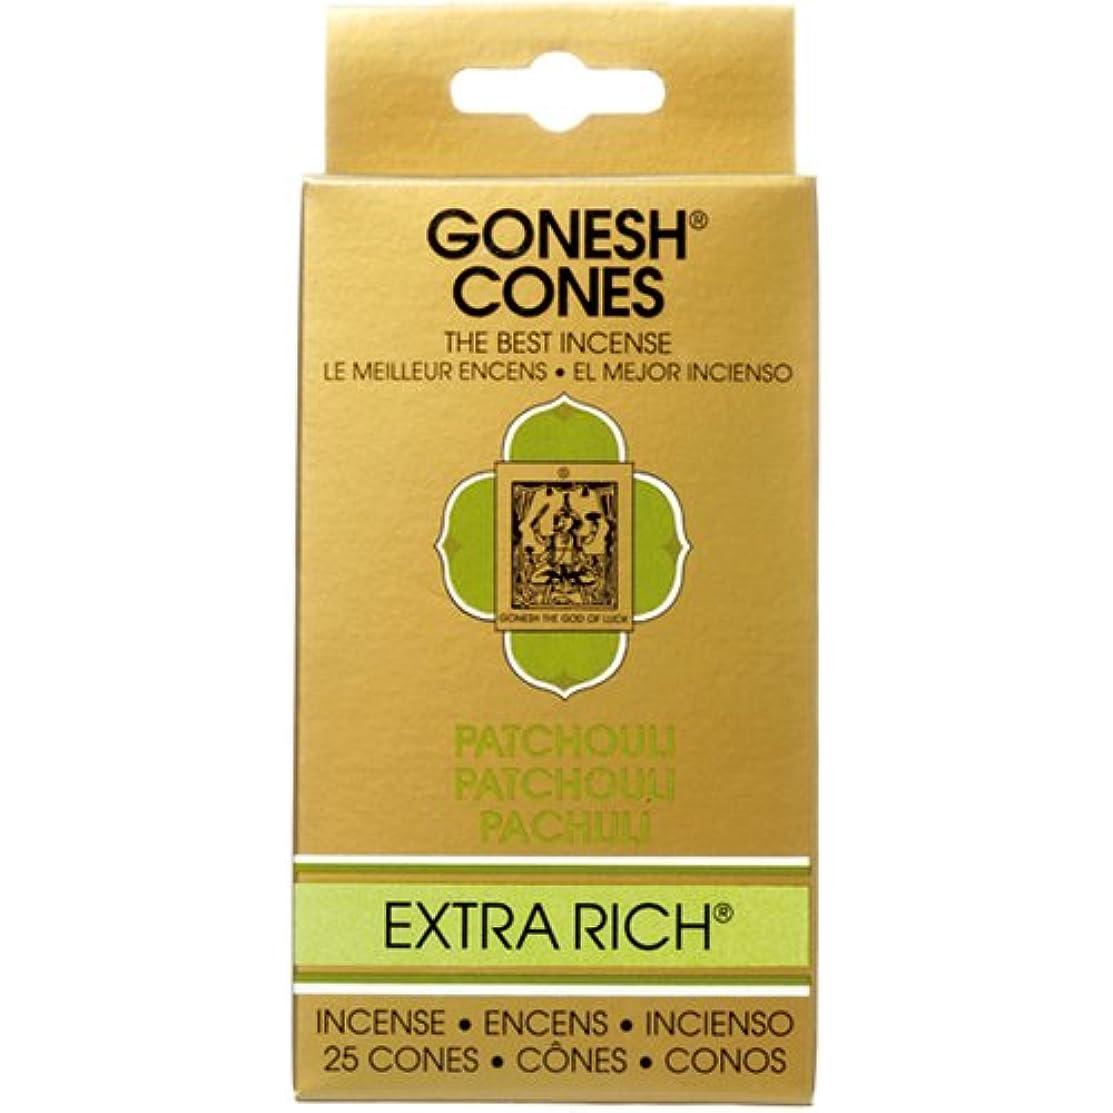 切るカップせがむガーネッシュ(GONESH) エクストラリッチ インセンス コーン パチュリ 25個入(お香)